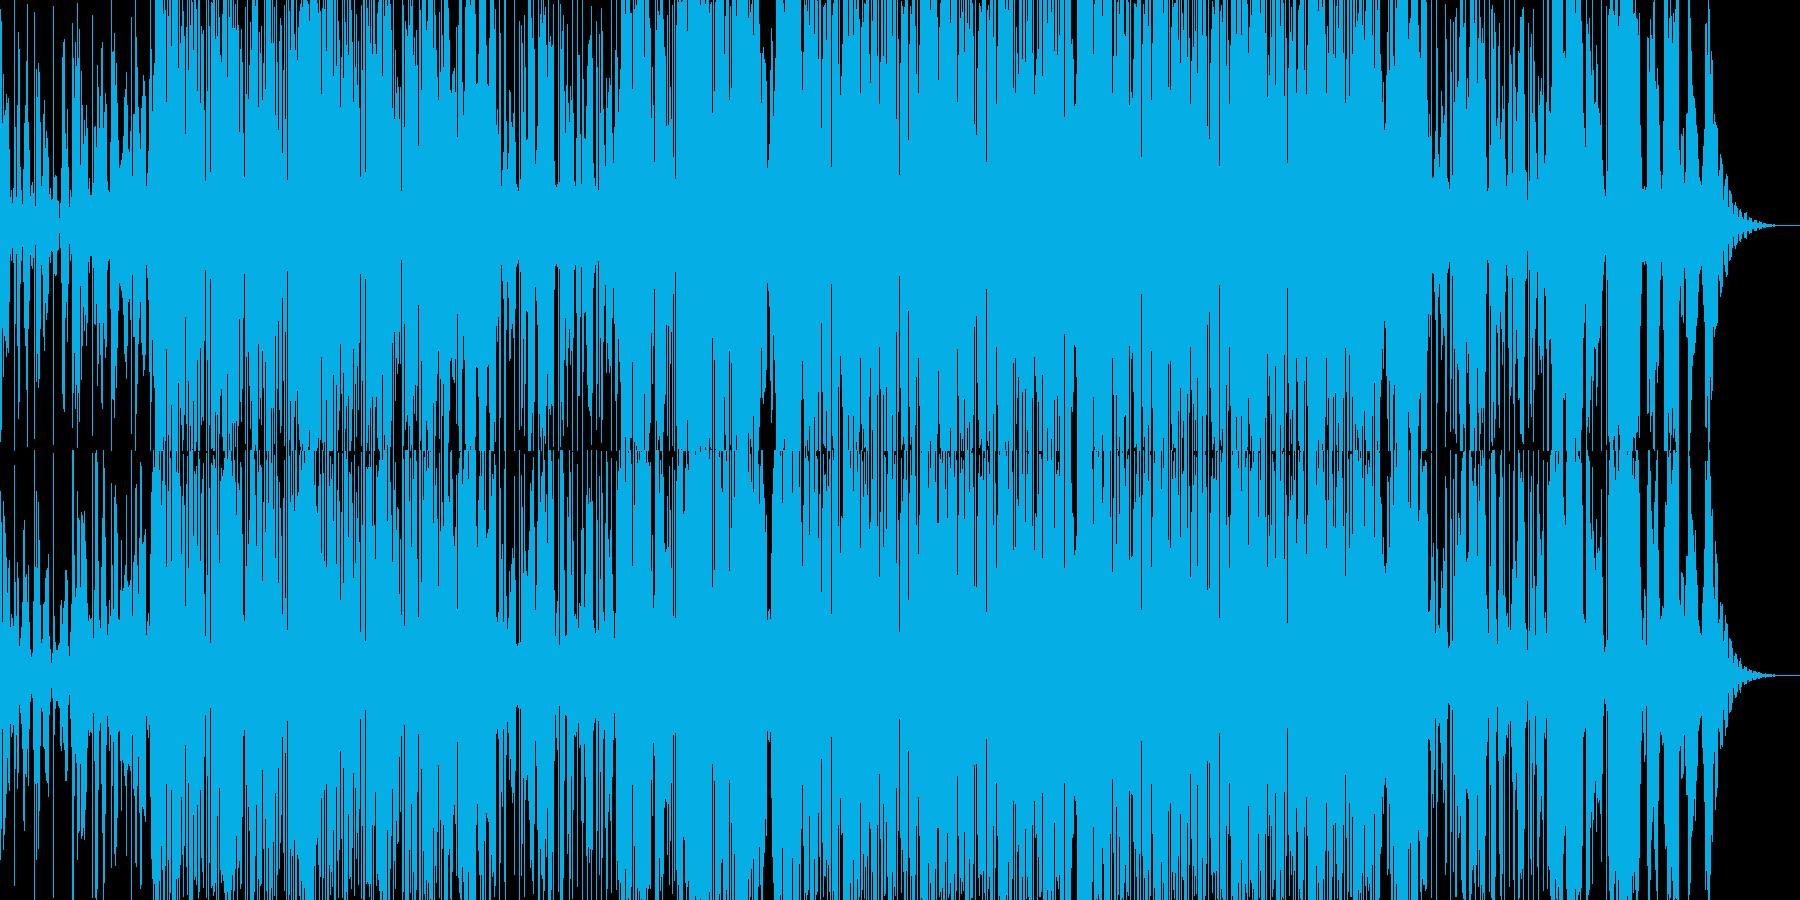 おしゃれな2step(声ネタ無し)の再生済みの波形